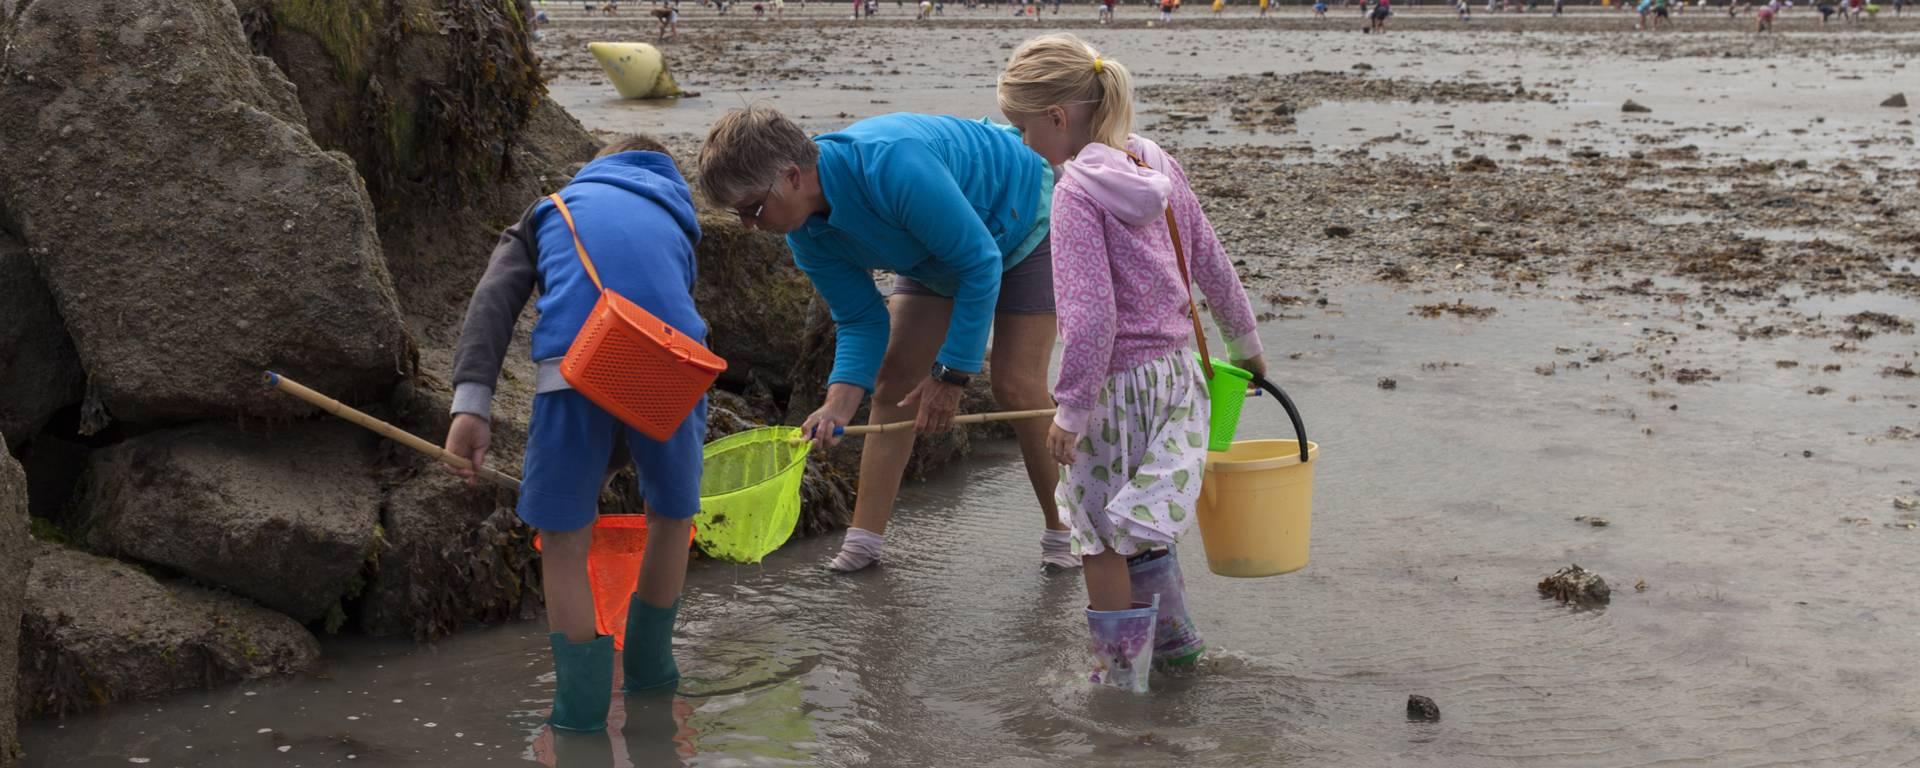 La pêche à pied, un plaisir simple de la Destination Granville Terre et Mer